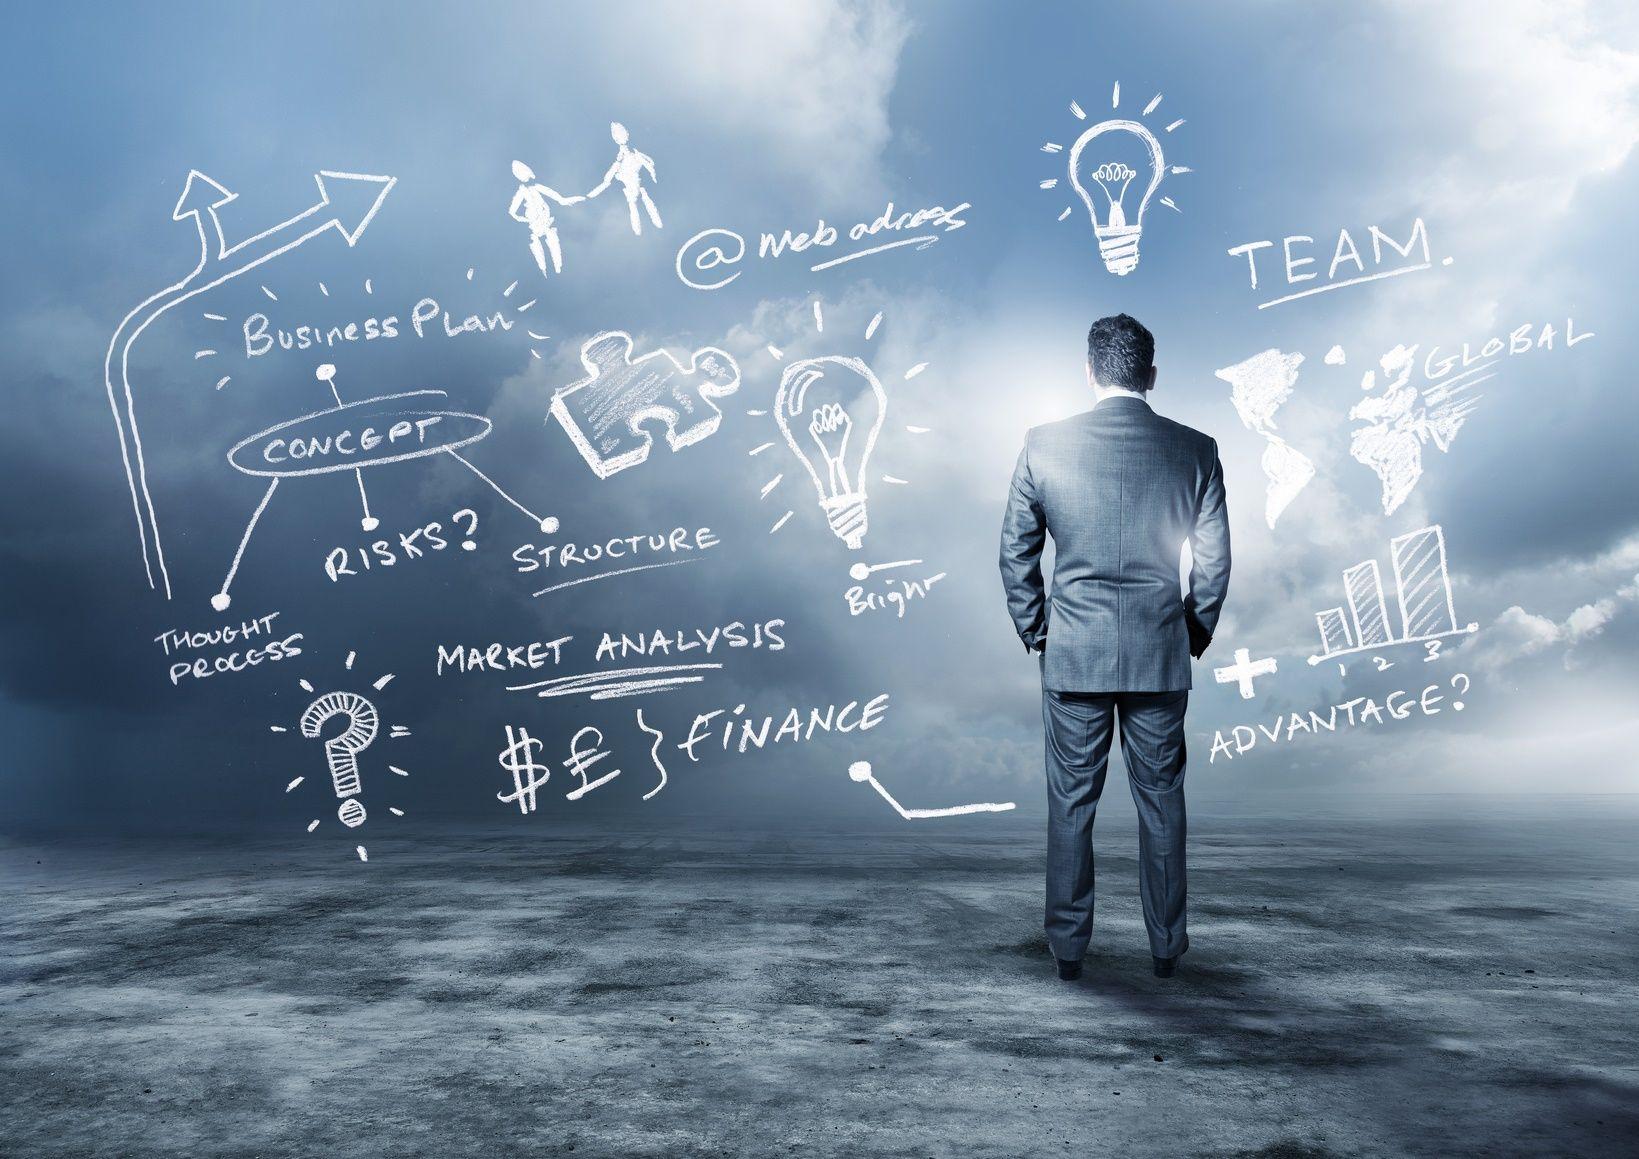 Чем руководствовались крупные компании, чтобы добиться успеха? - Kapital.kz